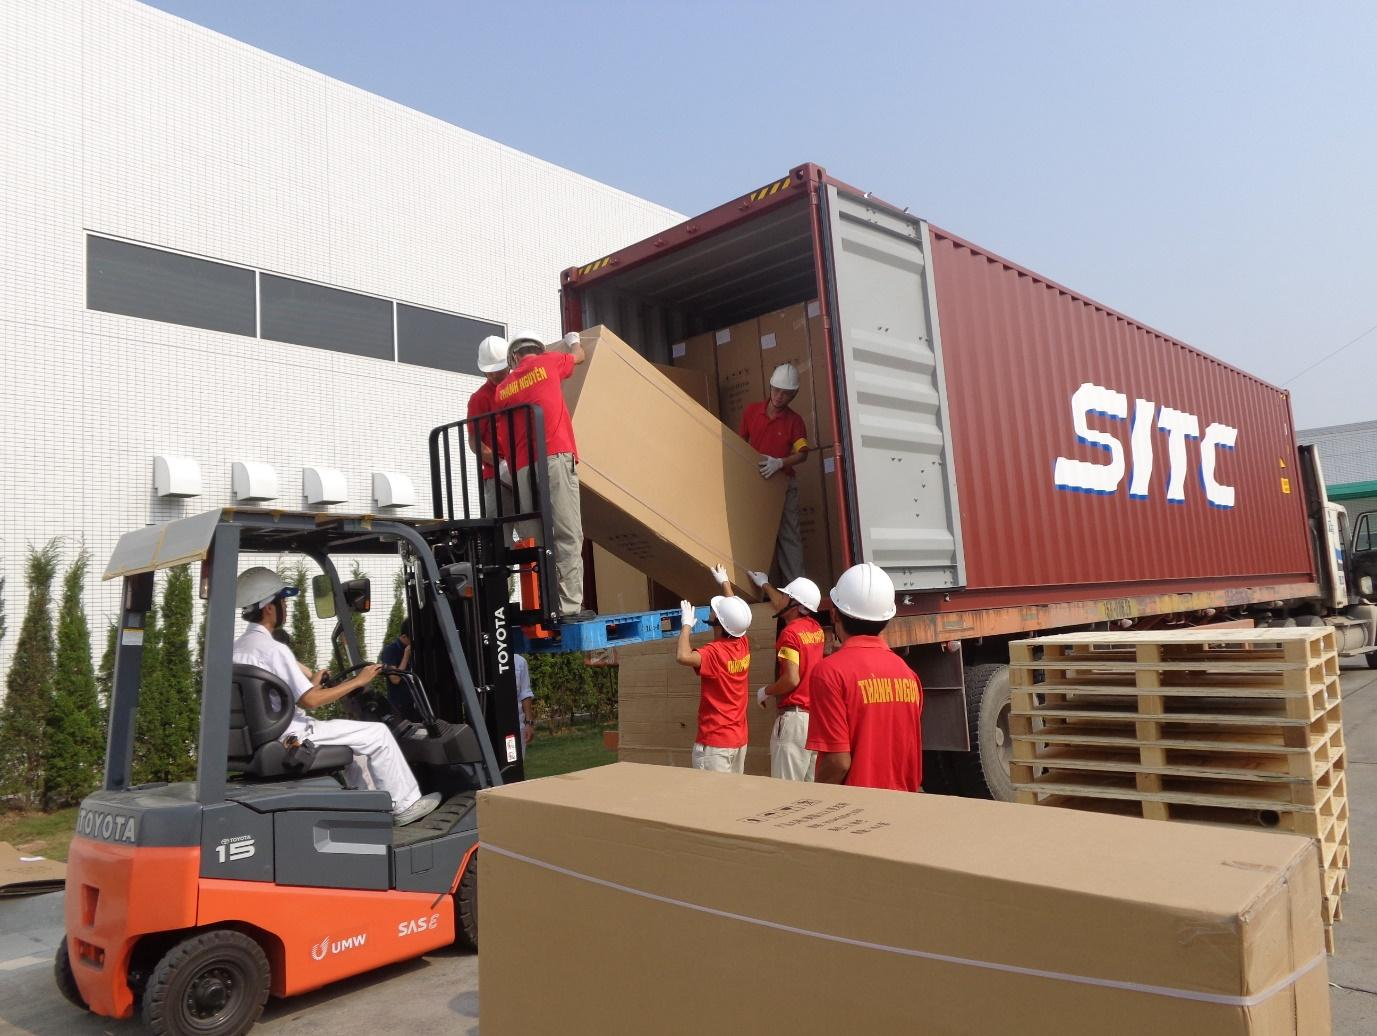 Dịch vụ vận tải đường biển từ cảng Hải Phòng tới cảng Tokyo - Dịch vụ  chuyển phát nhanh Logistics, Cargo, Viettelcargo.com